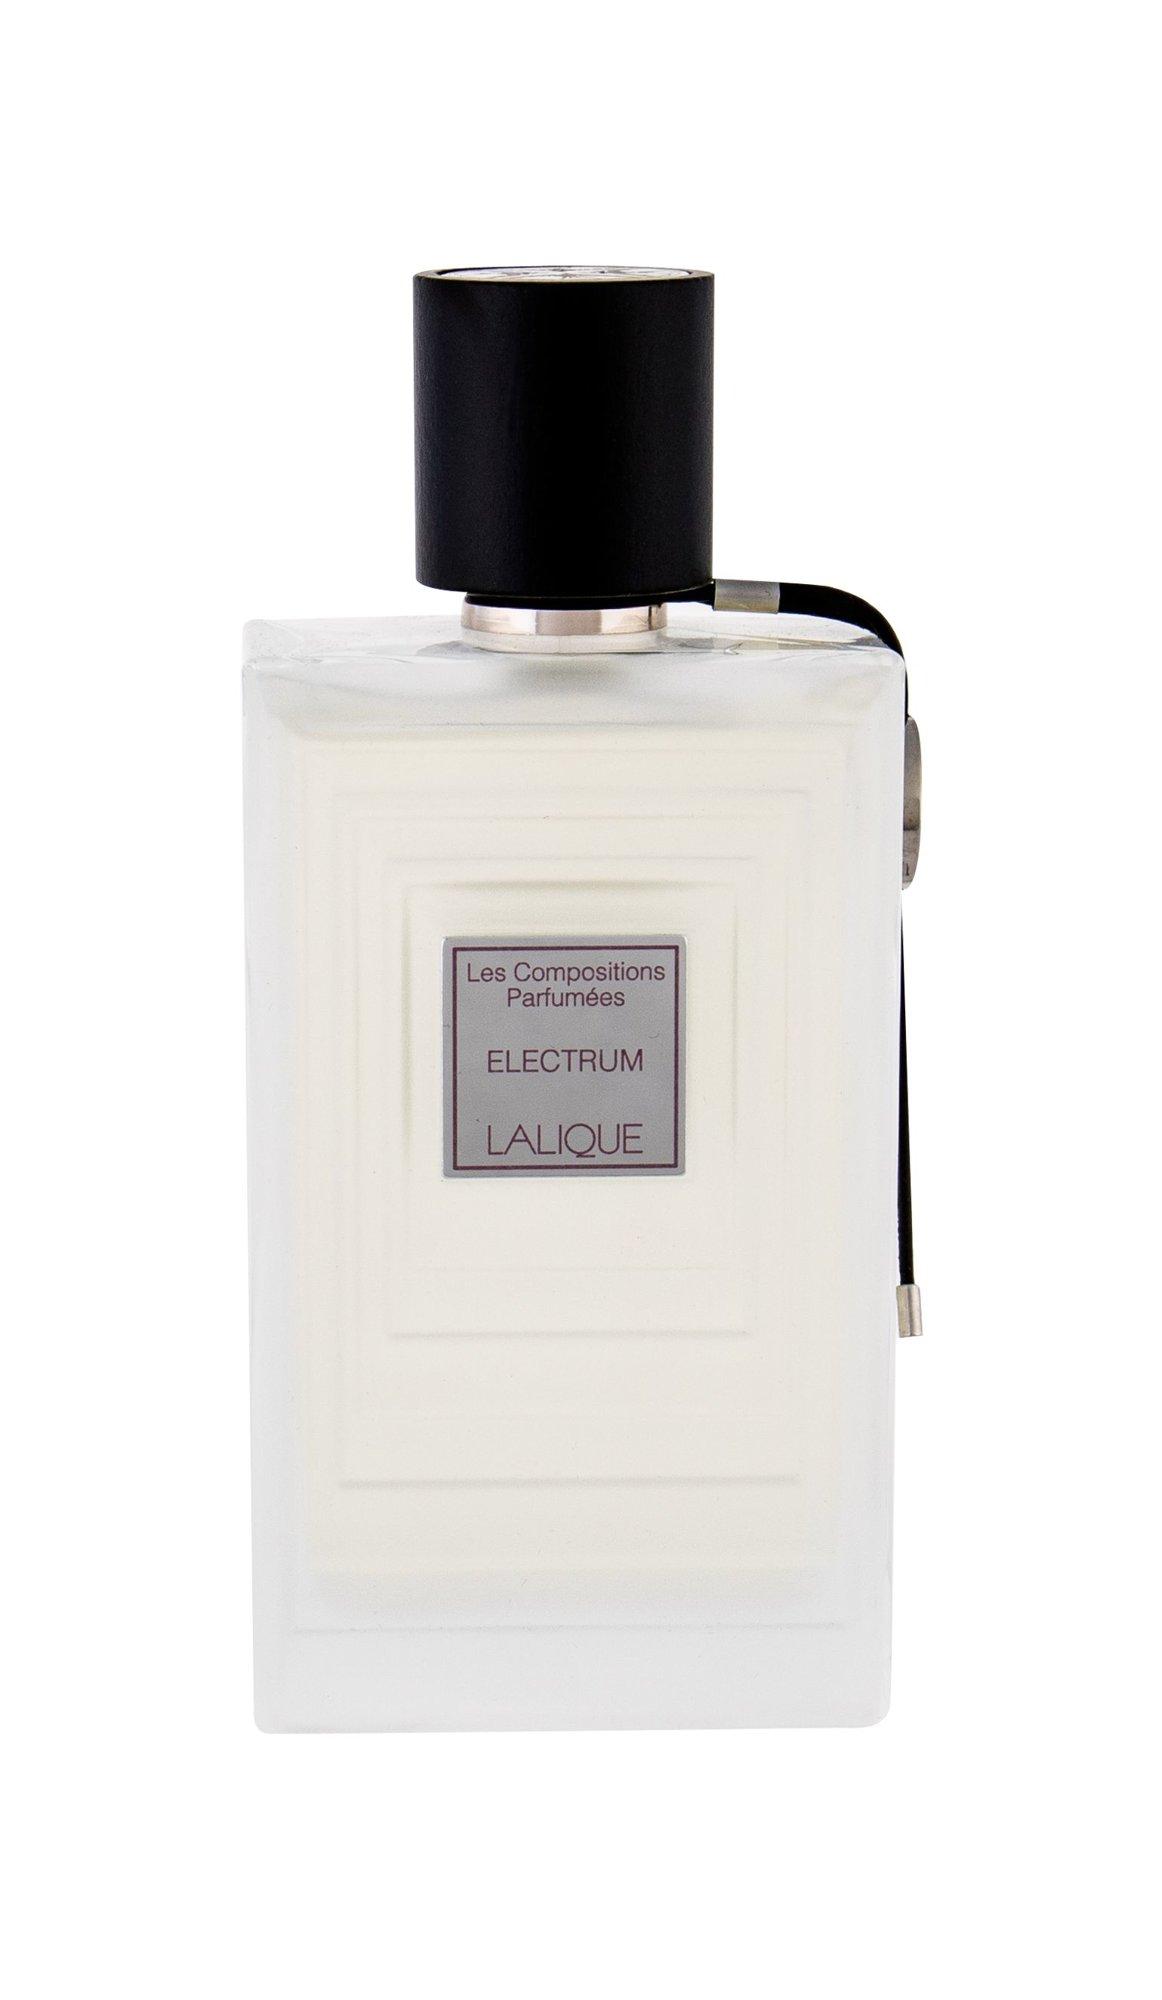 Lalique Les Compositions Parfumees Eau de Parfum 100ml  Electrum